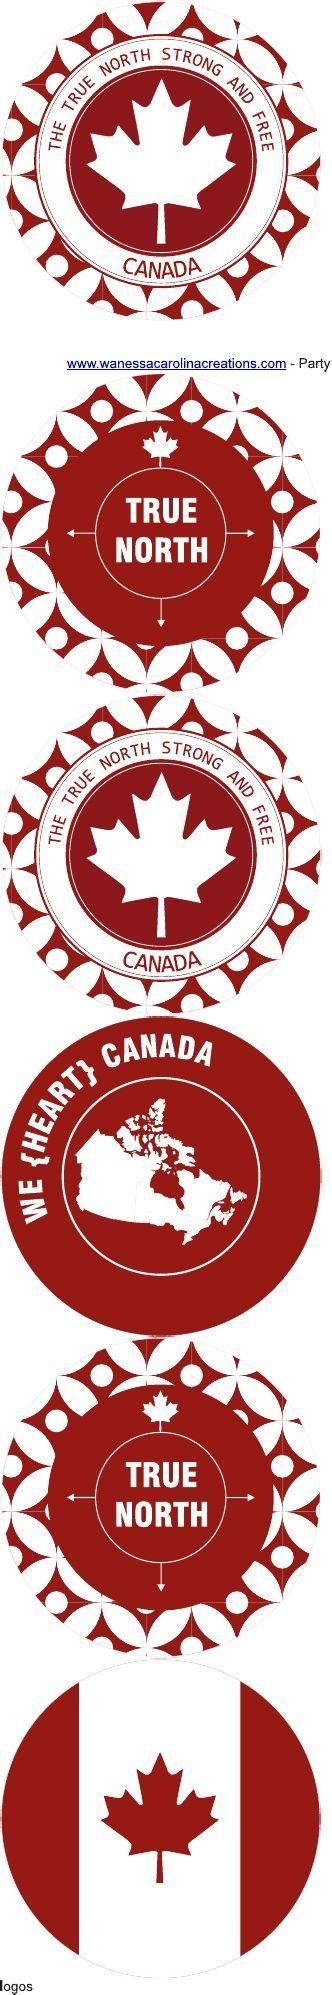 CANADA DAY {LOVE THE LEAF} FREE PRINTABLES #PCCanadaDay